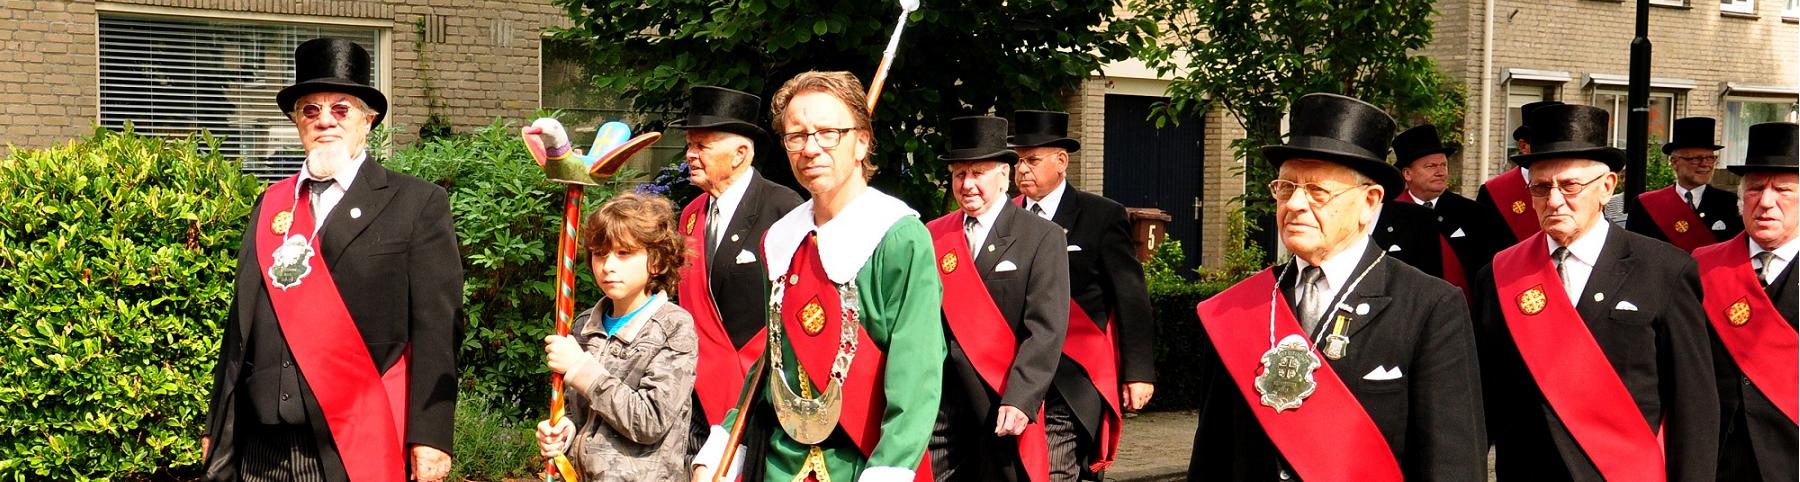 Gilde Sint Sebastiaan Hilvarenbeek